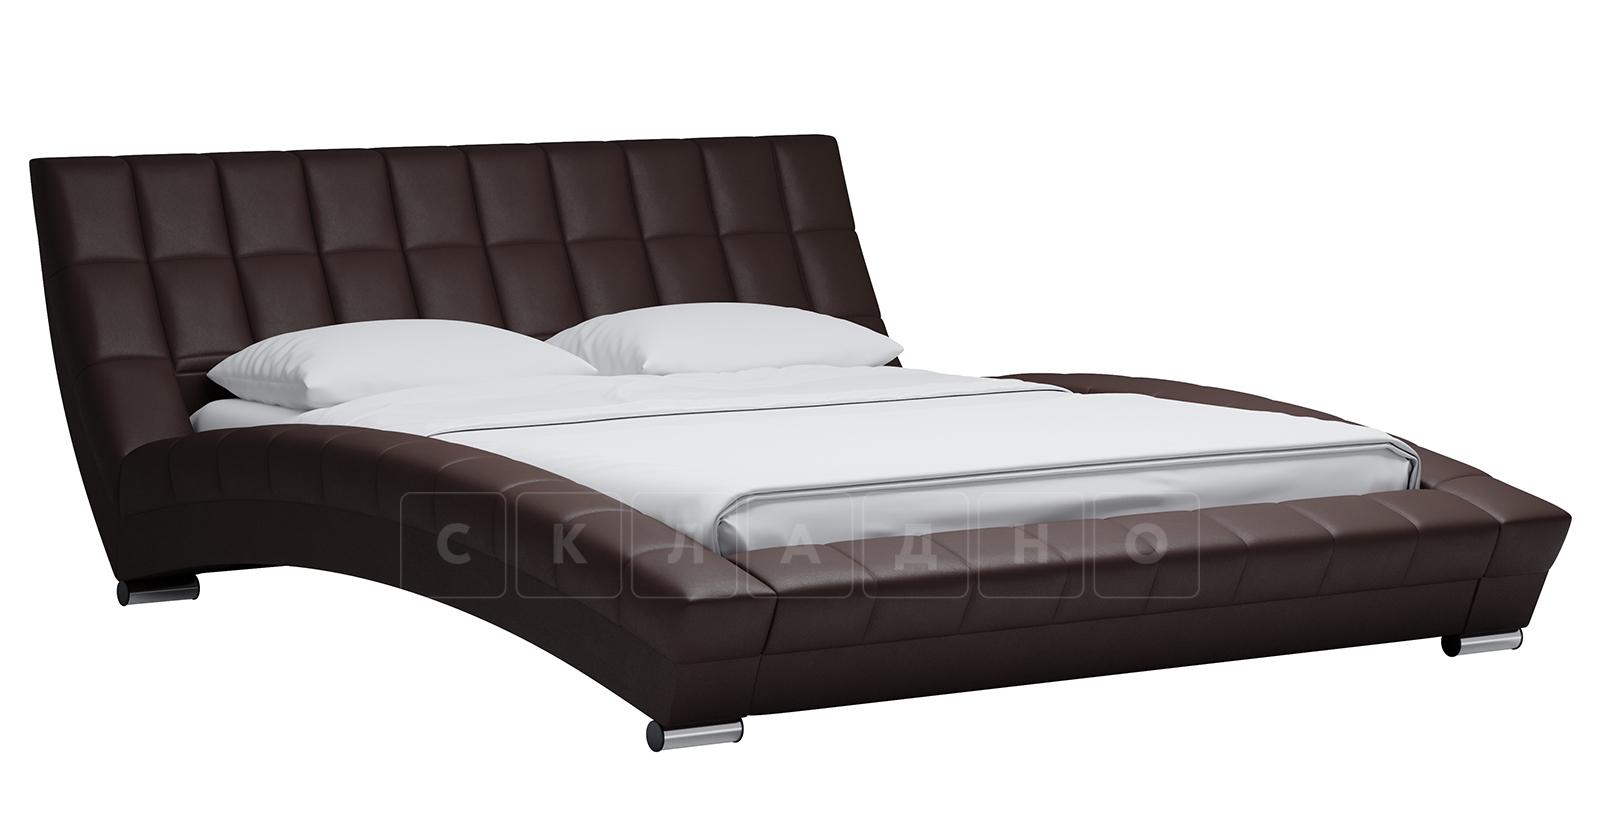 Мягкая кровать Оливия 160 см экокожа шоколад фото 1 | интернет-магазин Складно